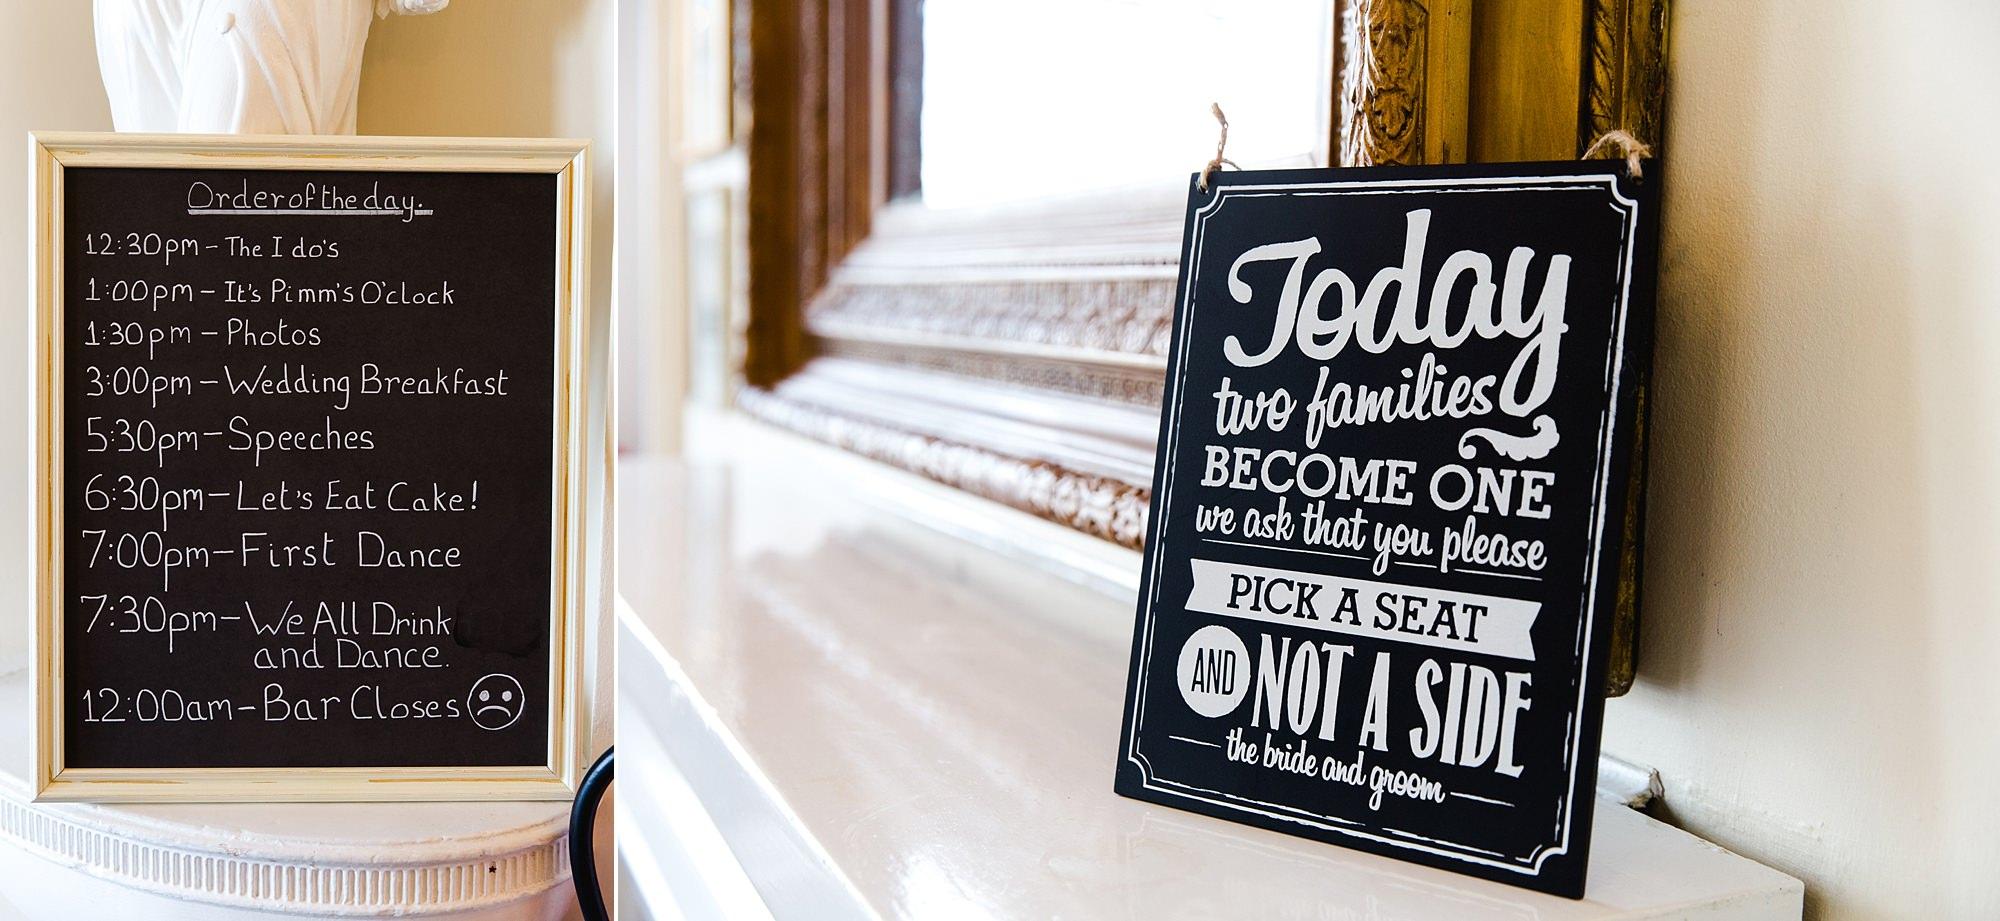 Trafalgar Tavern wedding signs for guests